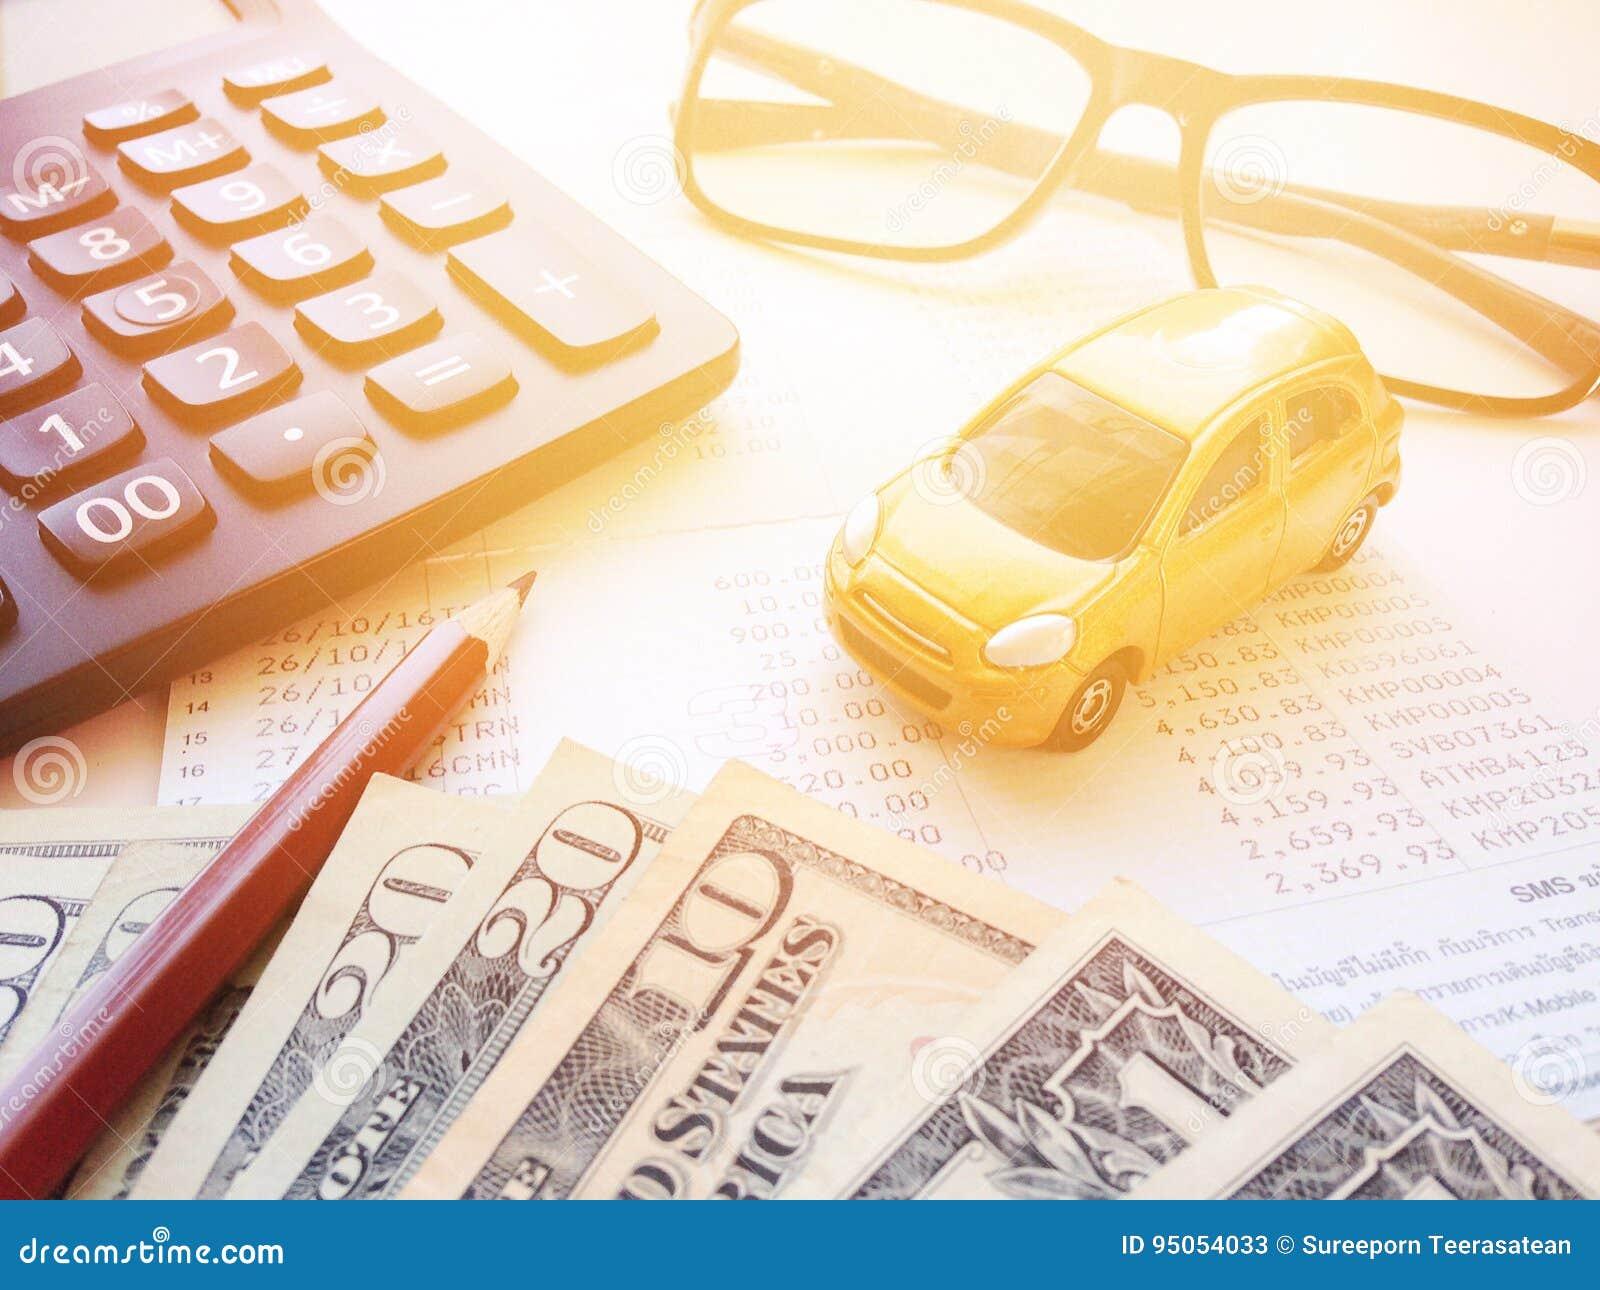 Modelo Miniatura Del Coche, Lápiz, Dinero, Calculadora, Lentes Y ...